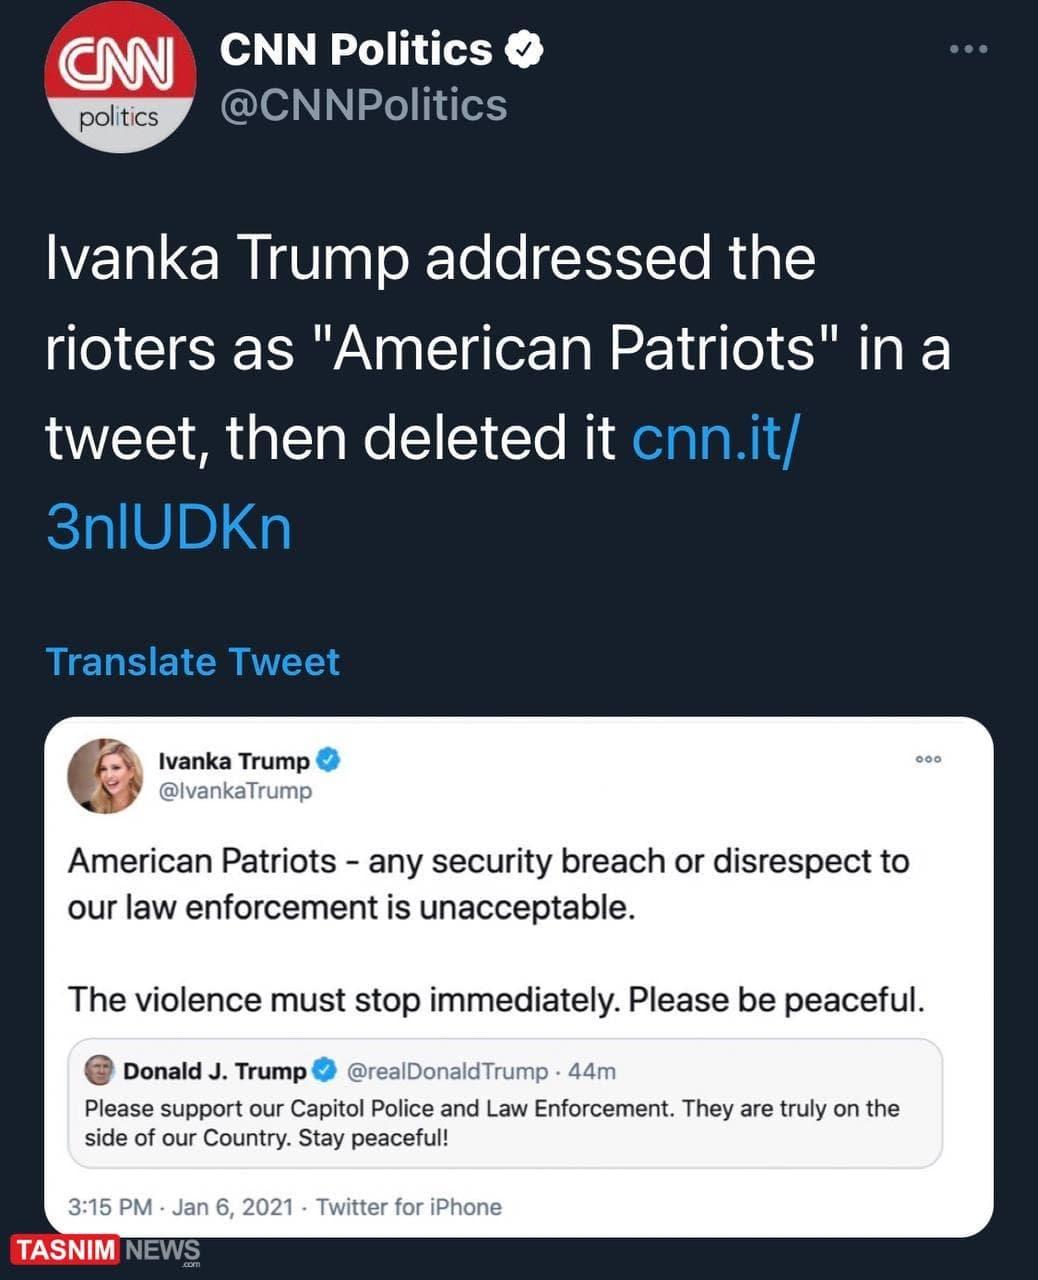 ایوانیکا ترامپ